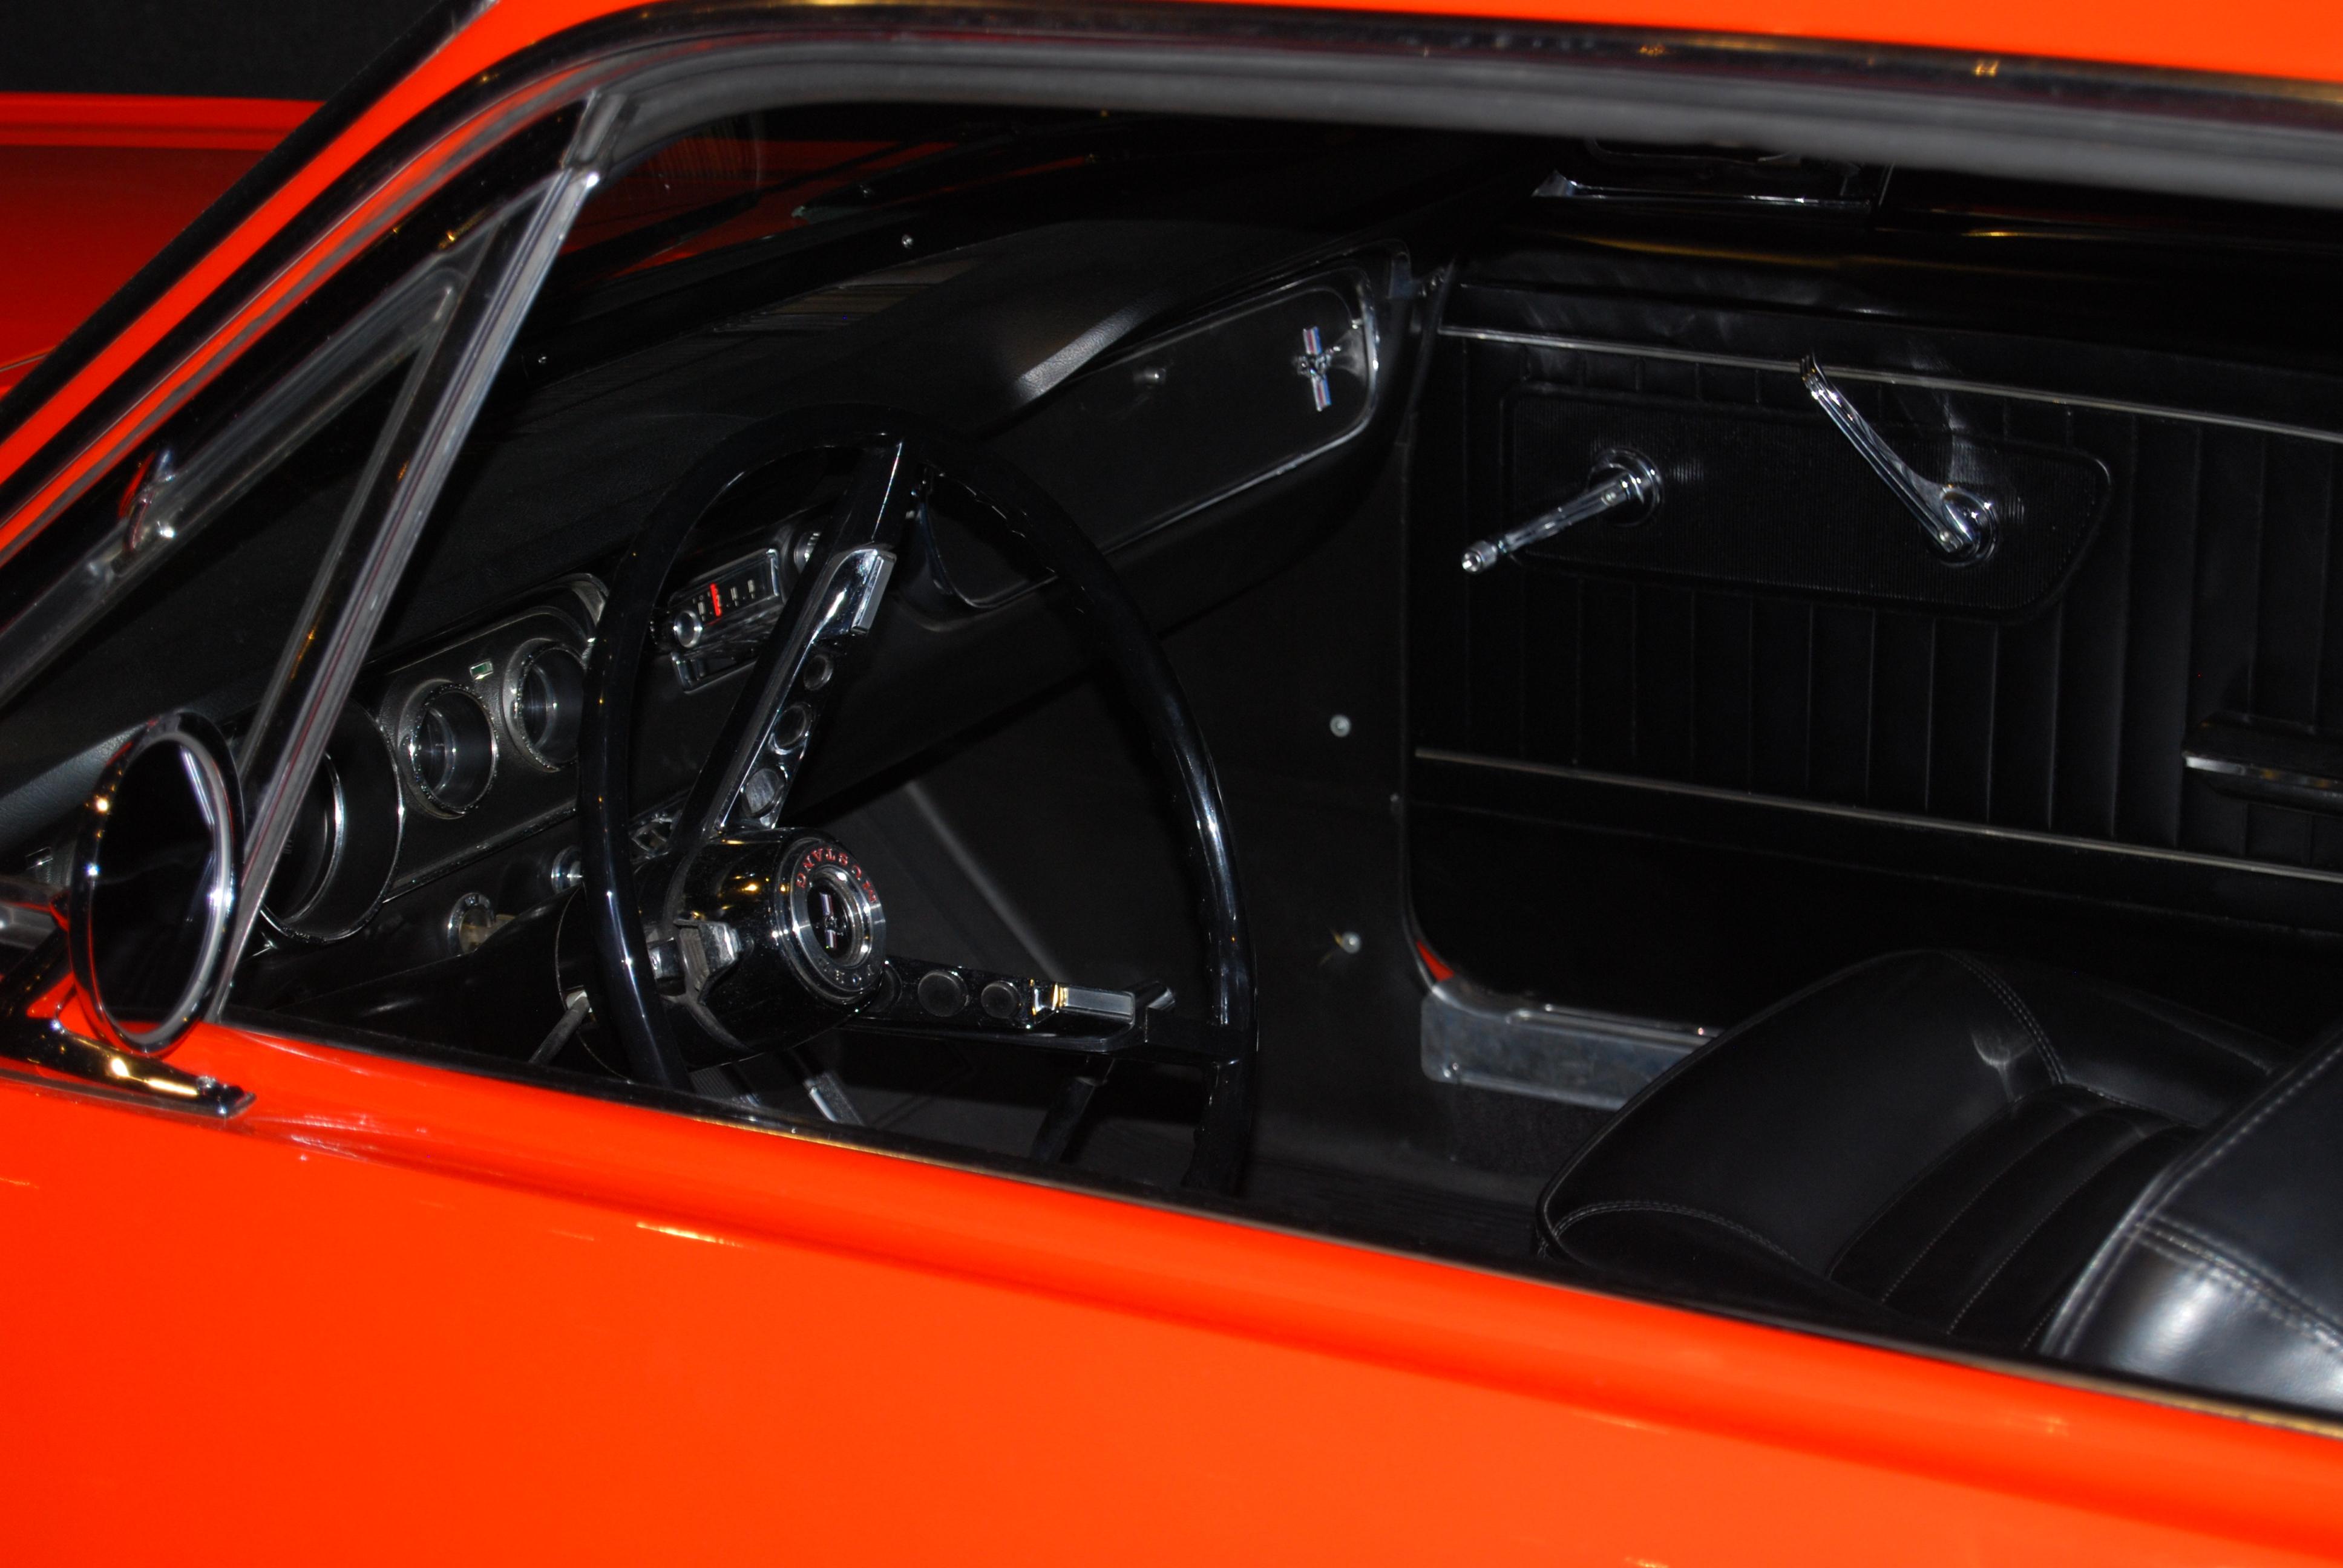 1964 Mustang Wiki